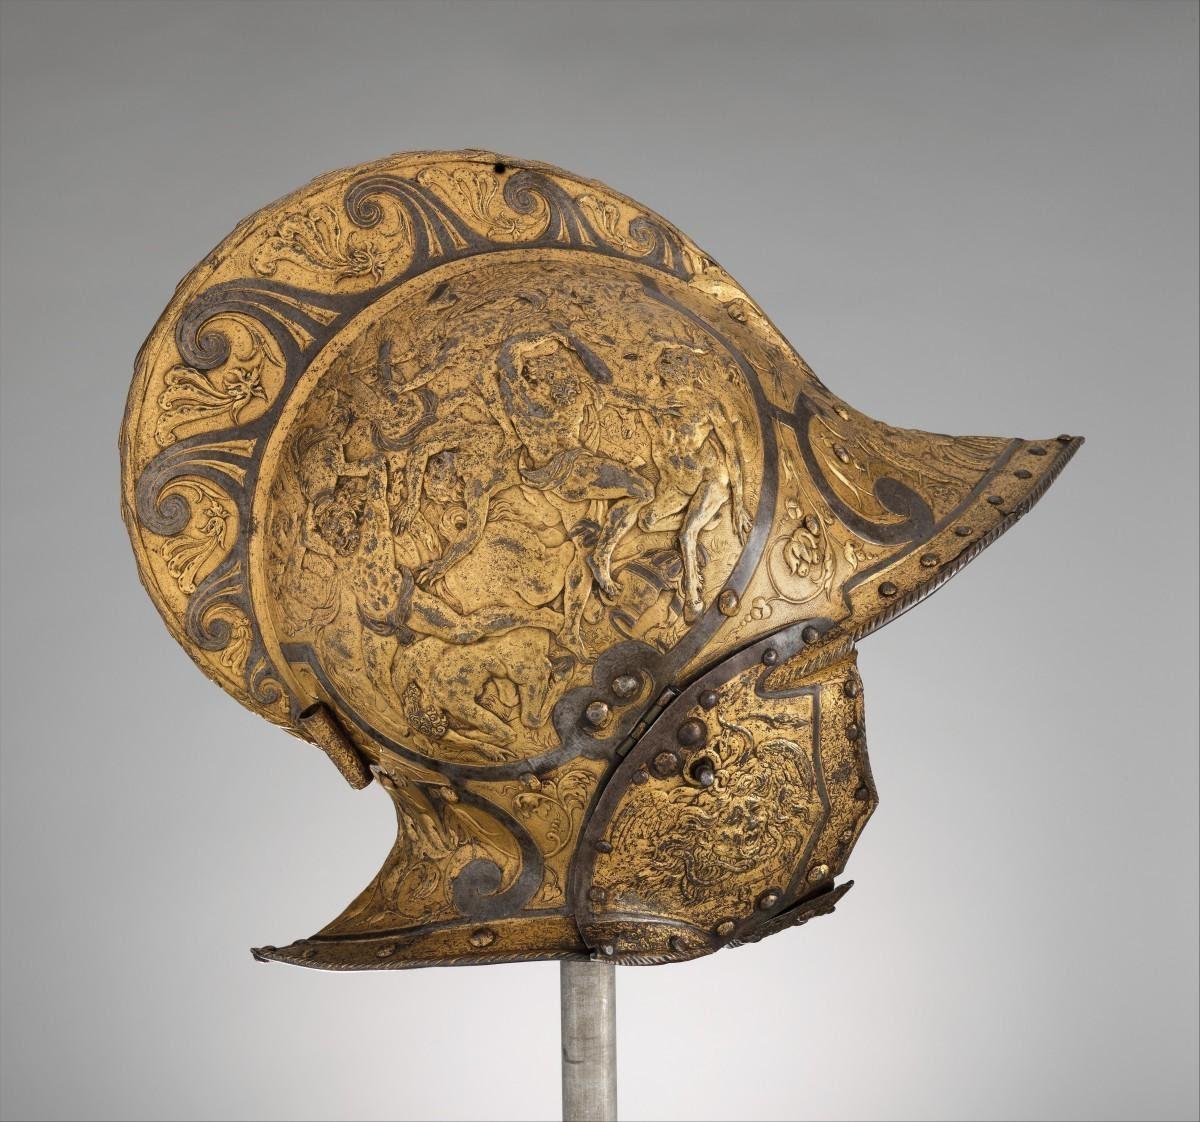 Mũ giáp chiến chính là những thiết kế bảo vệ phần đầu người dùng từ xa xưa